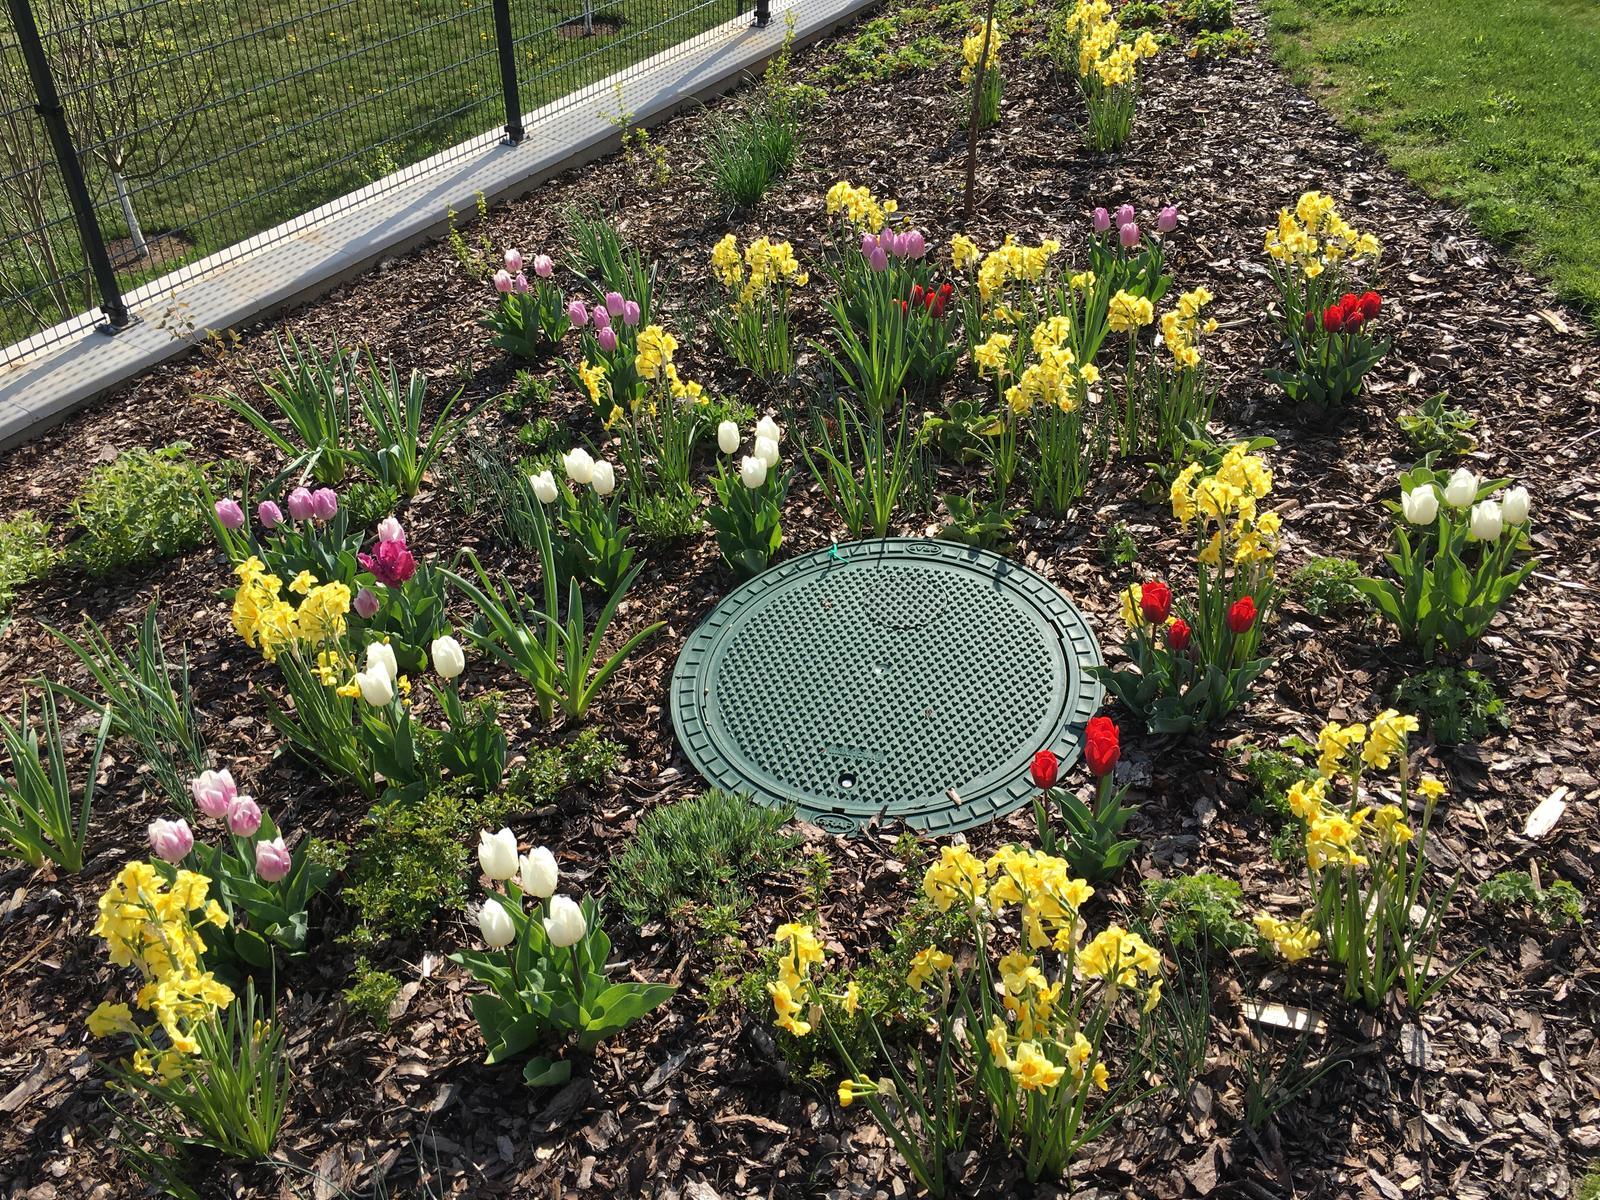 Záhrada v starom sade - Už je to zase iné, také pestrofarebnejšie 🌷Ak máte nejaký zaujímavý tip ako zakryť to veko z akumulačnej nádoby, kľudne píšte, necháme sa inšpirovať